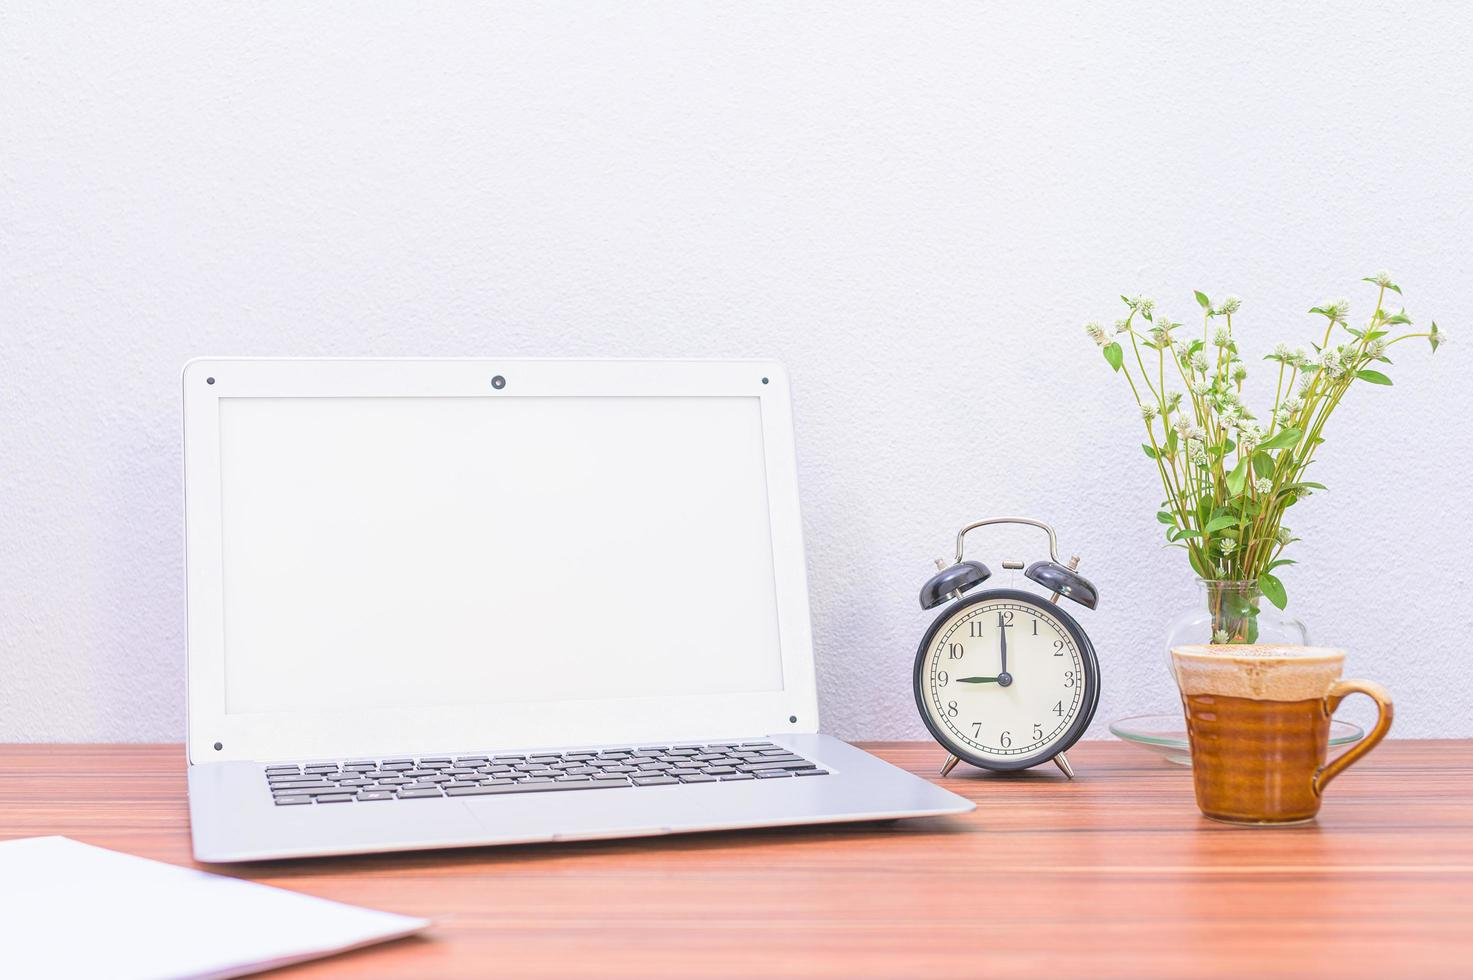 Laptop, Tasse und Blume auf dem Schreibtisch foto